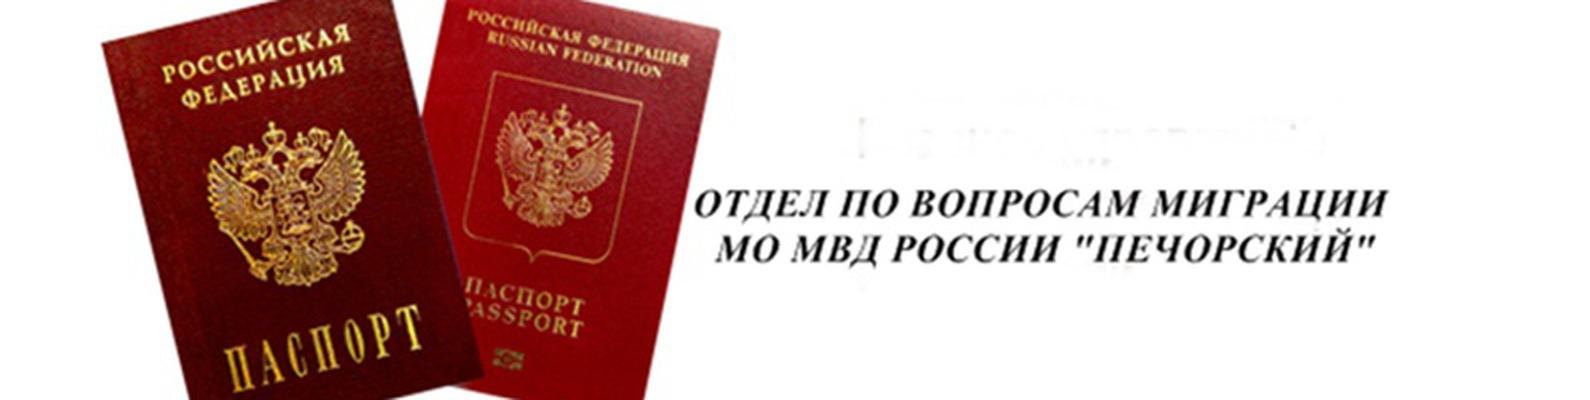 Получить загранпаспорт в московской области пушкино